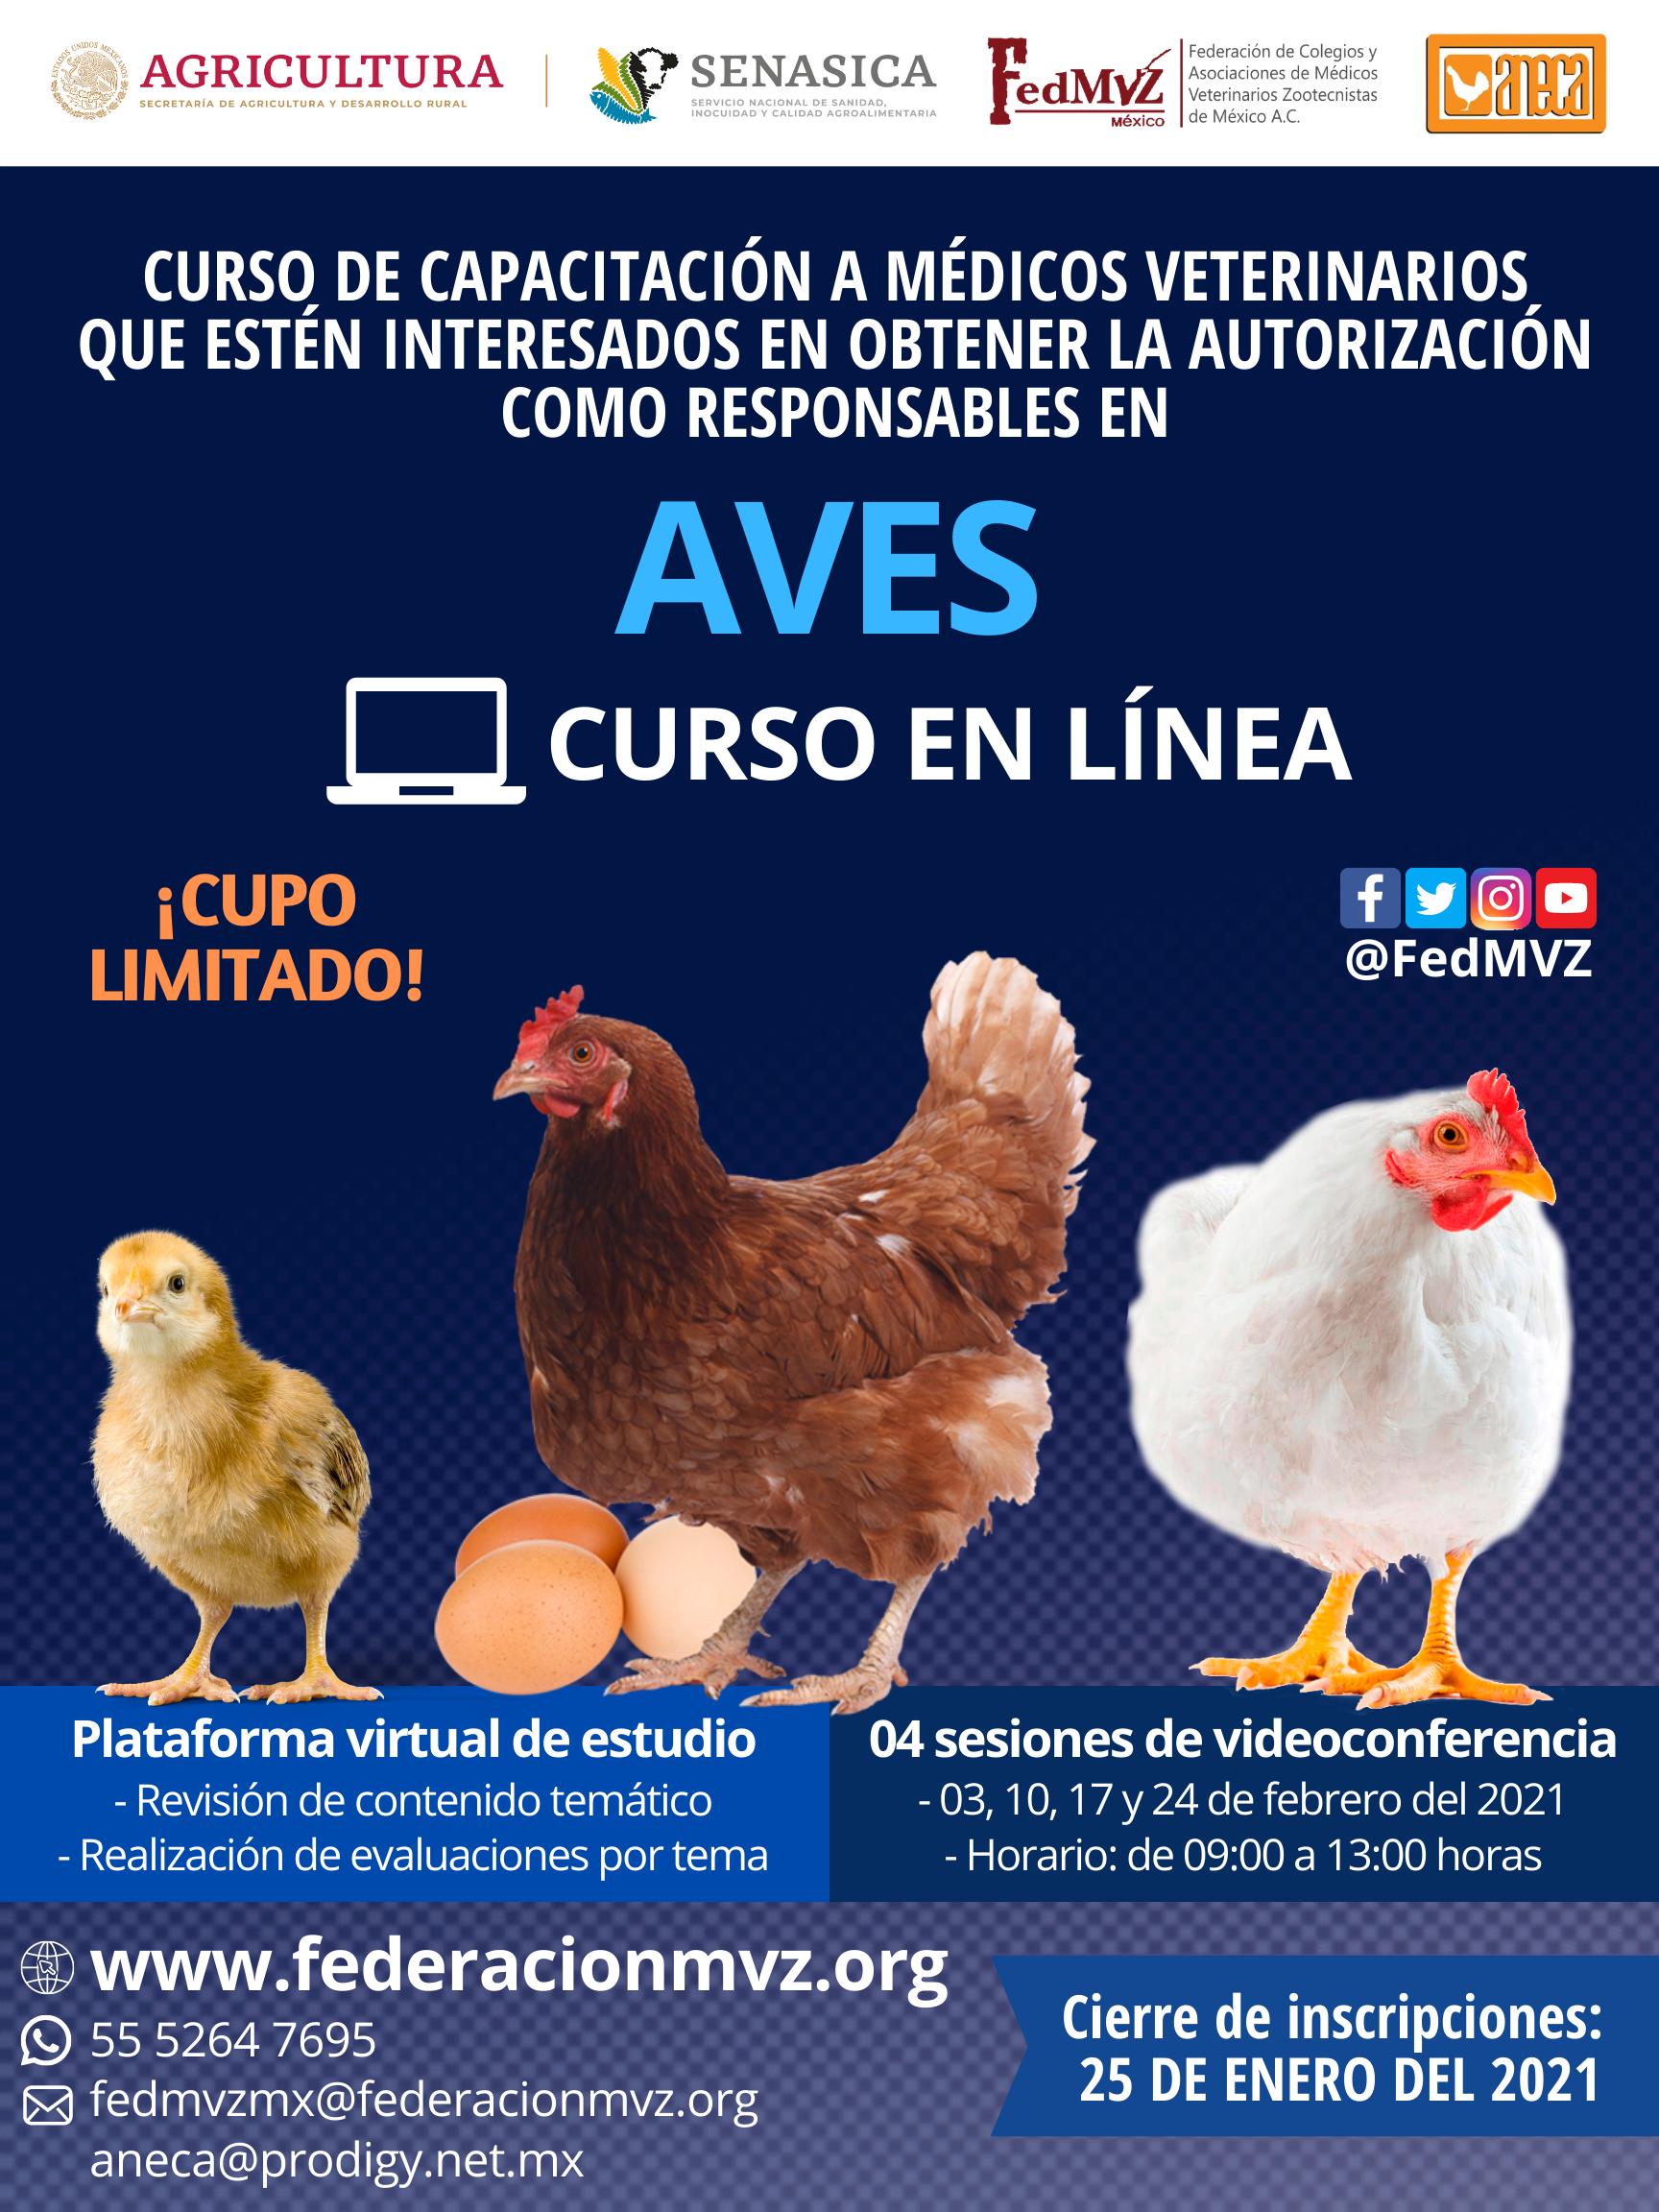 CURSO MVRA AVES EN LÍNEA FEBRERO 2021